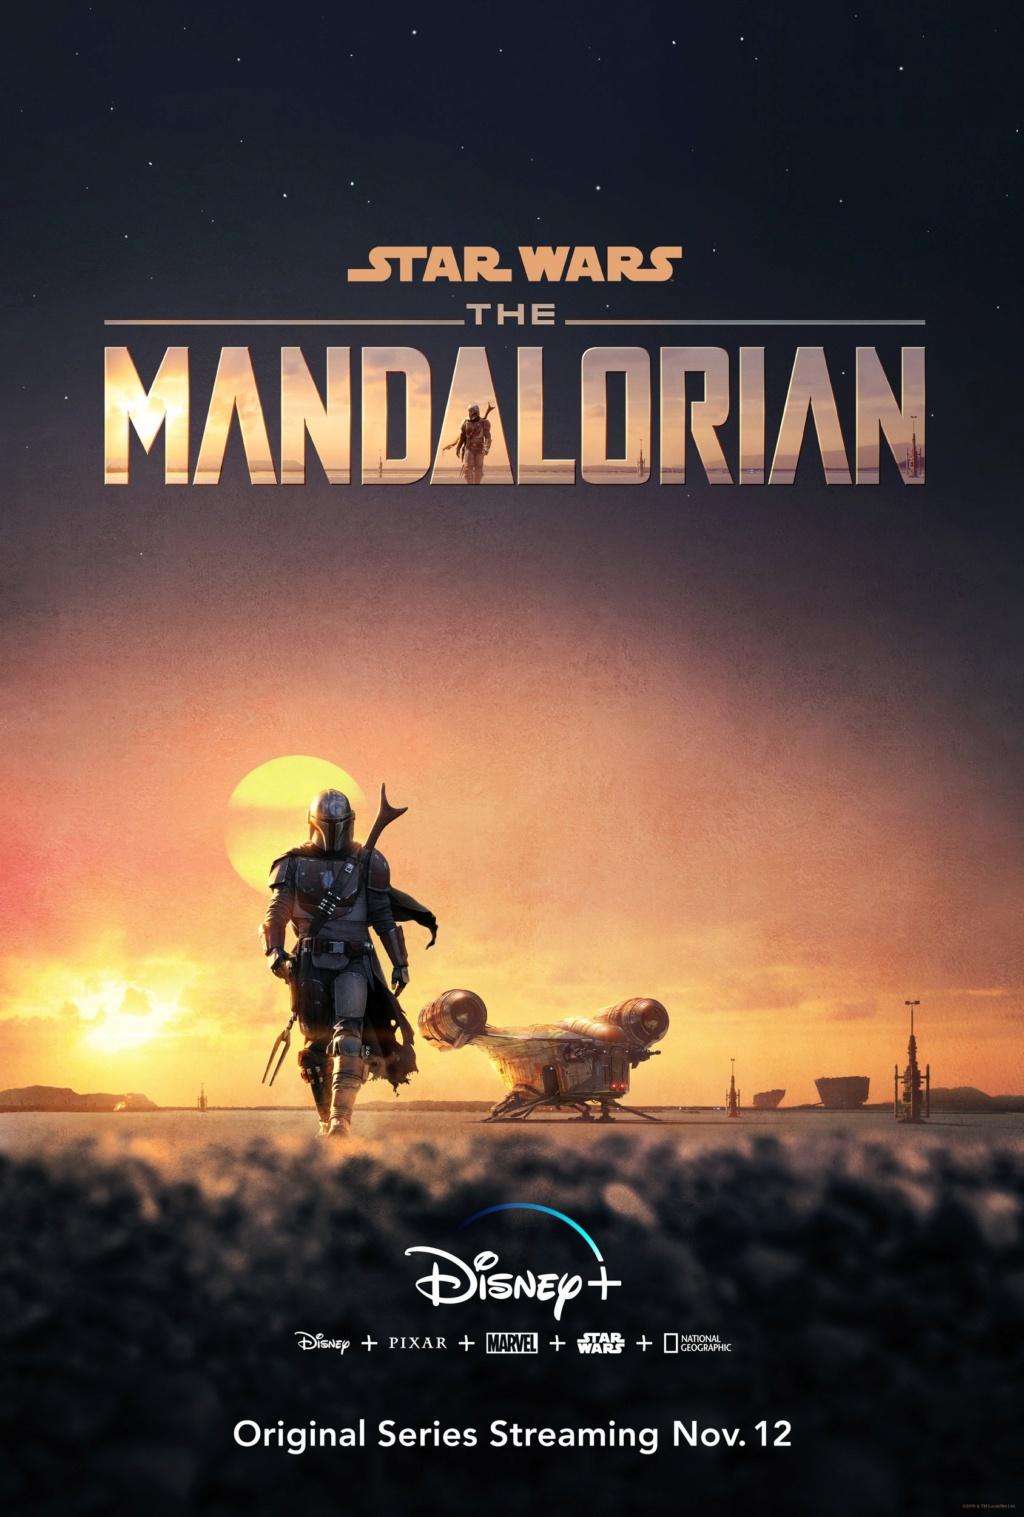 Les NEWS de la série Star Wars The Mandalorian - Page 2 Poster18